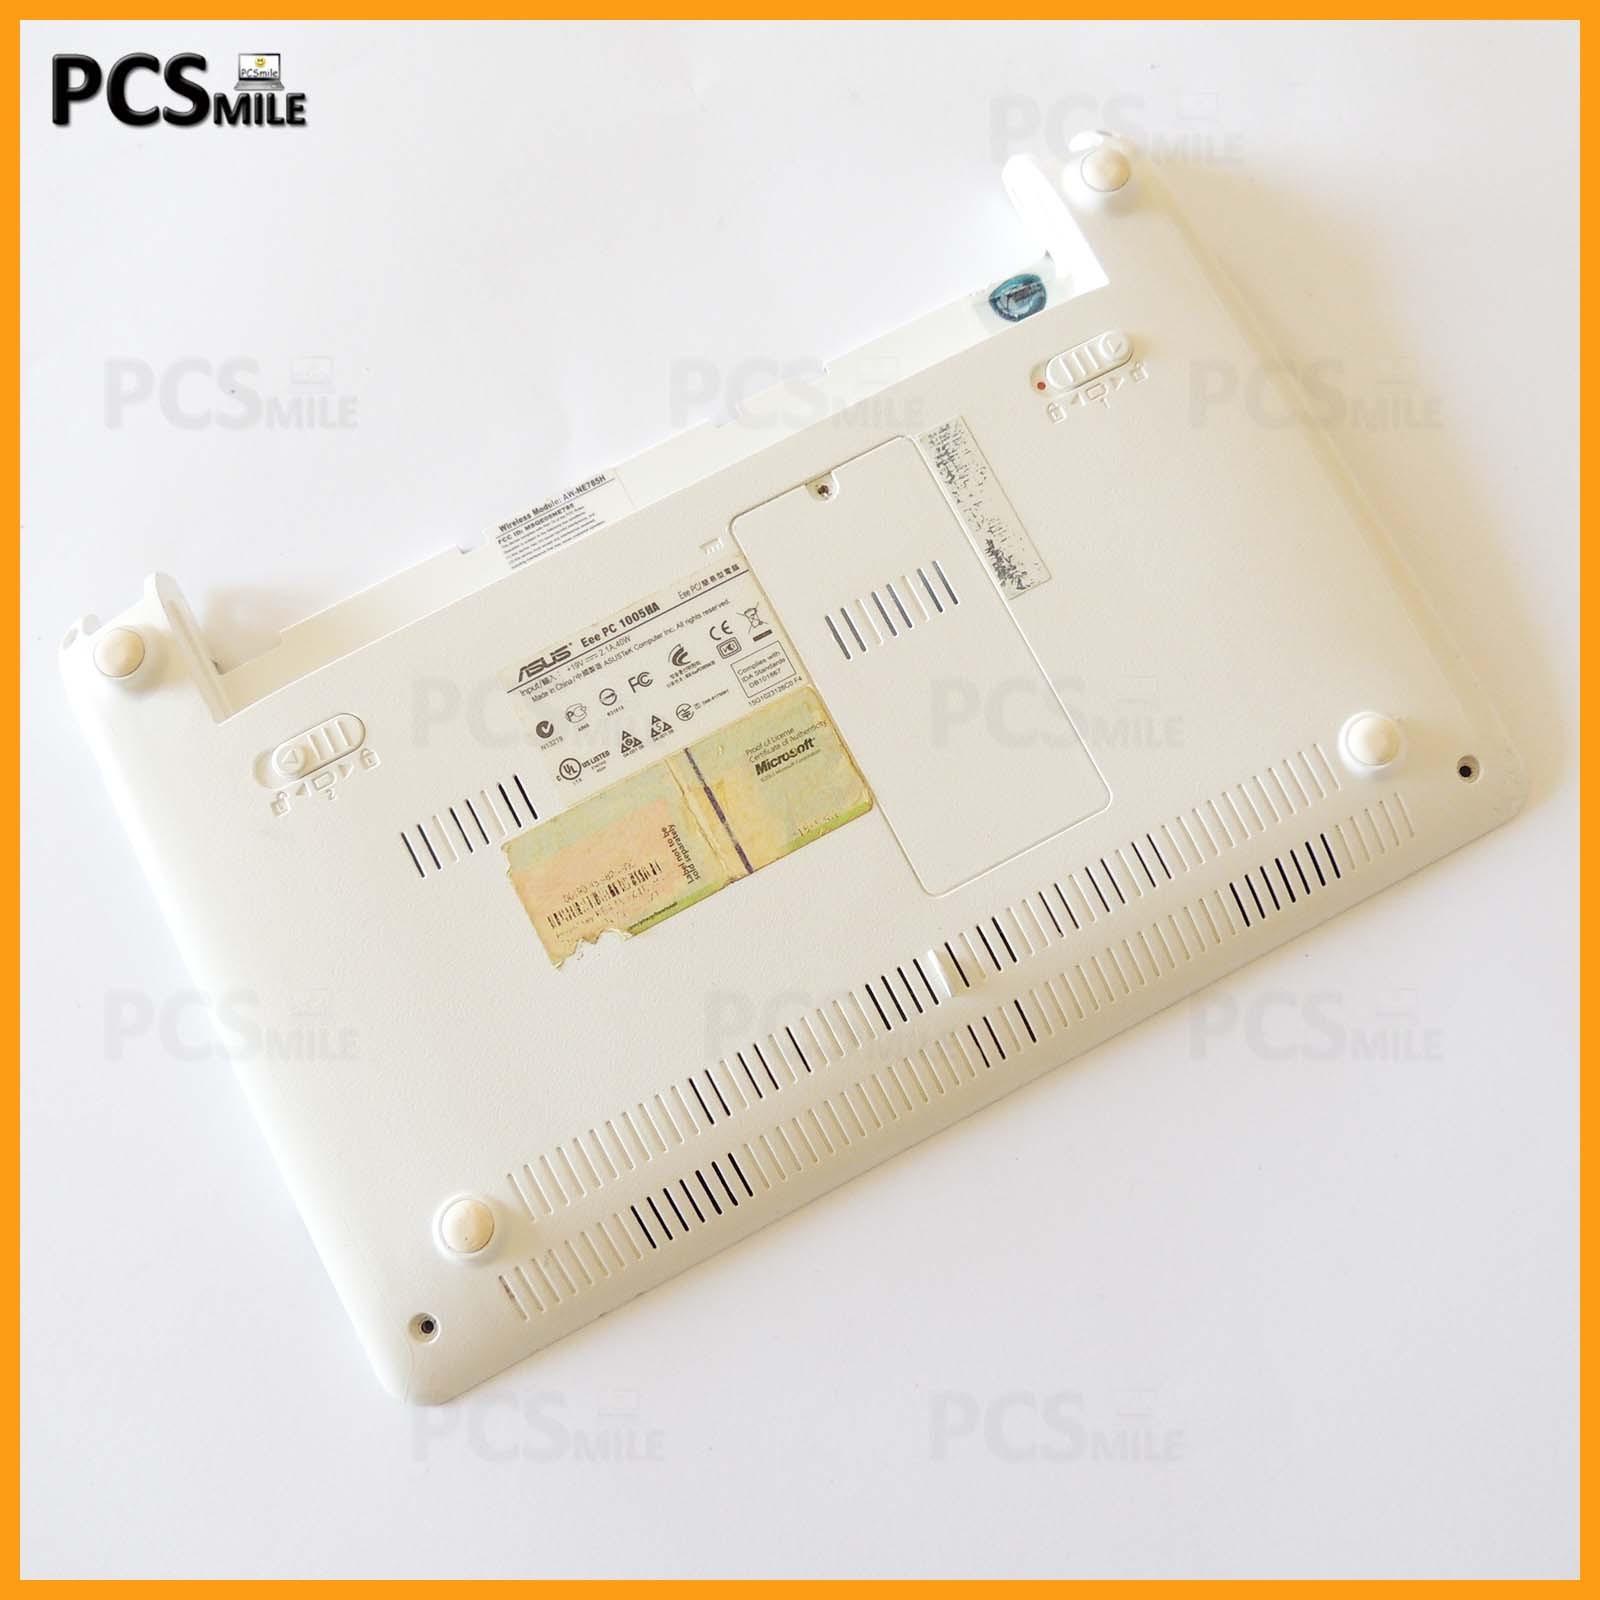 Scocca posteriore Asus Eee PC 1005HA + speaker casse audio